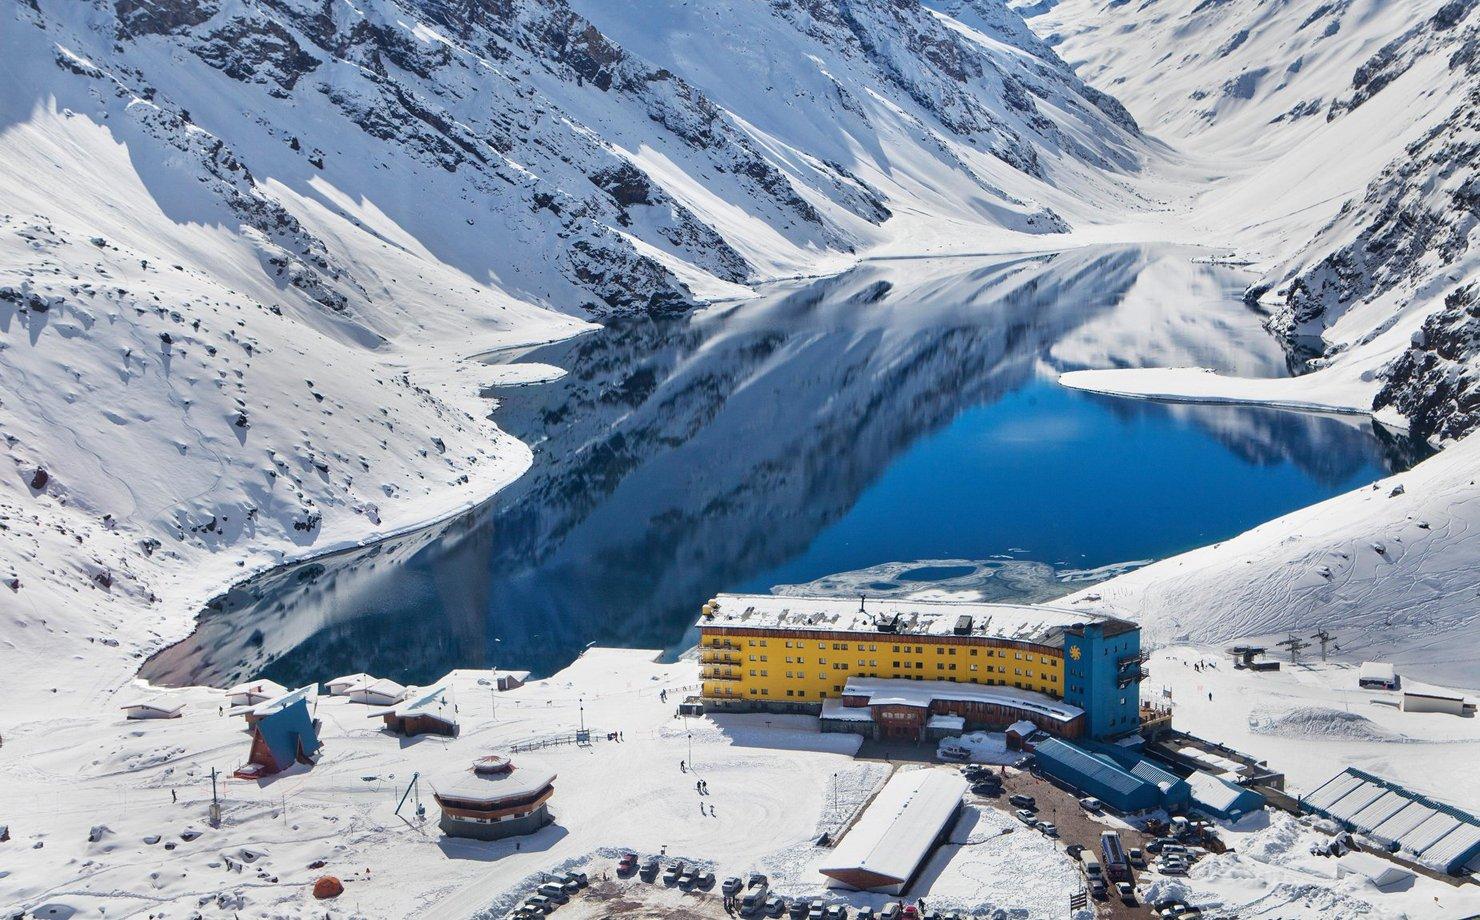 Estação de esqui em Portillo, no Chile